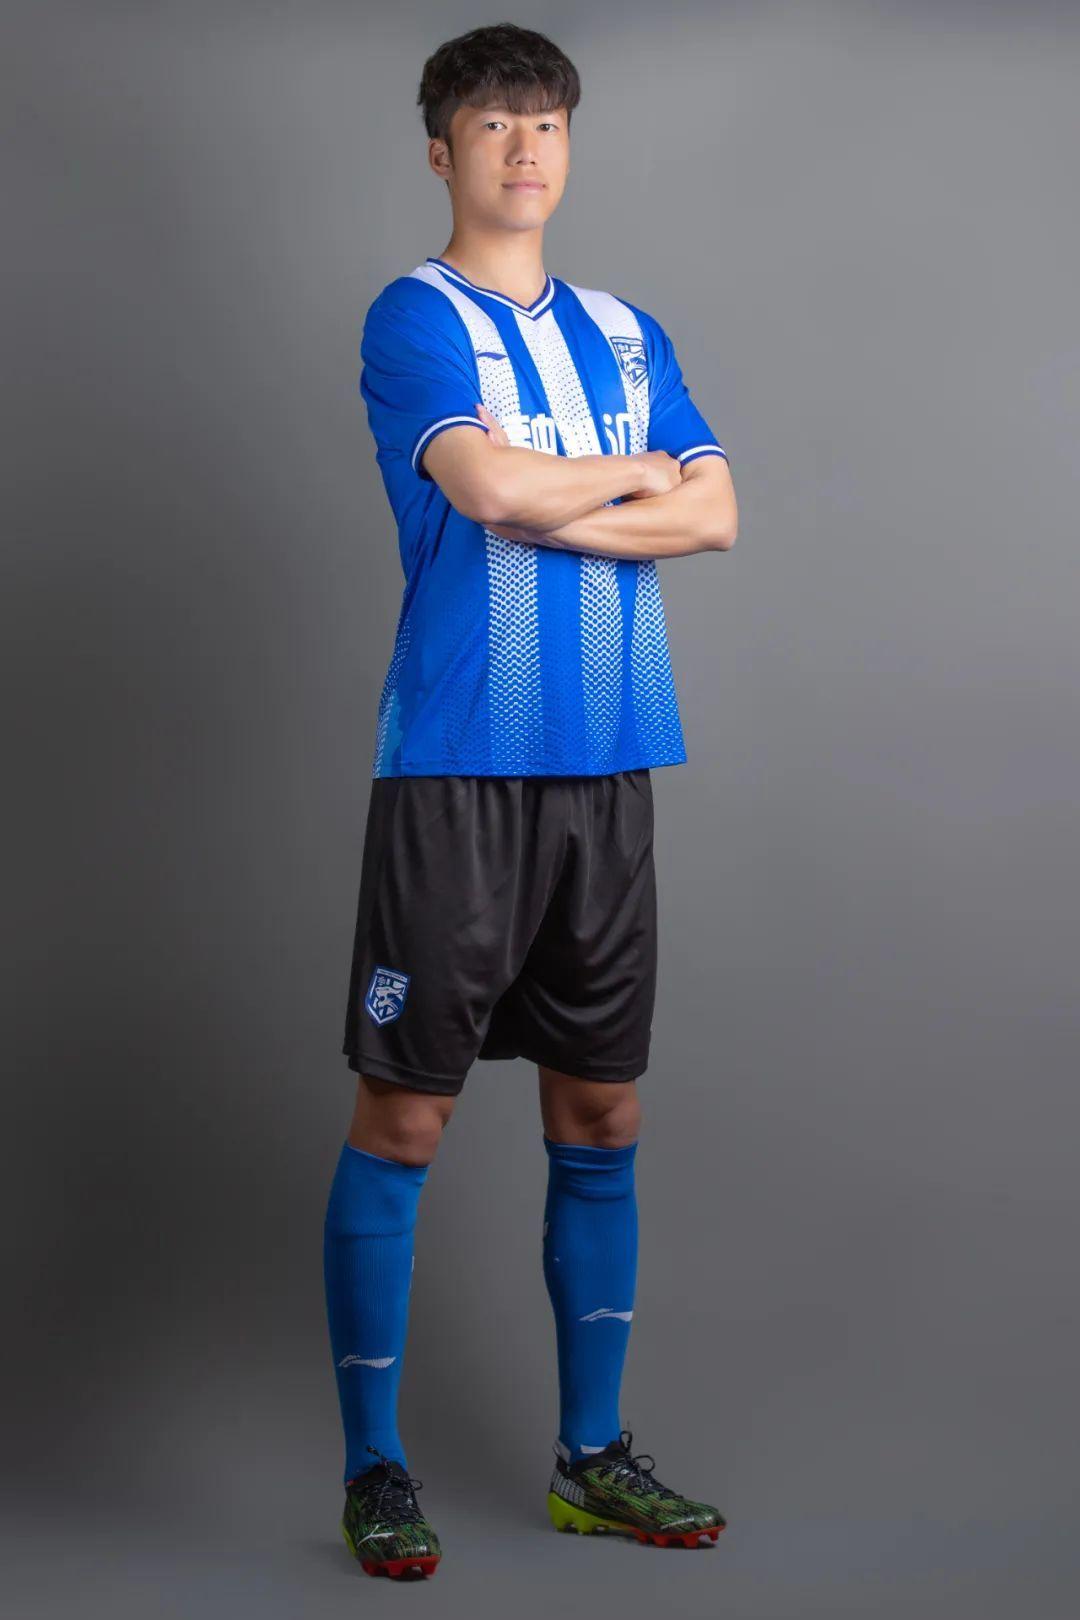 武汉三镇发布中甲新赛季球衣,有这些变化……